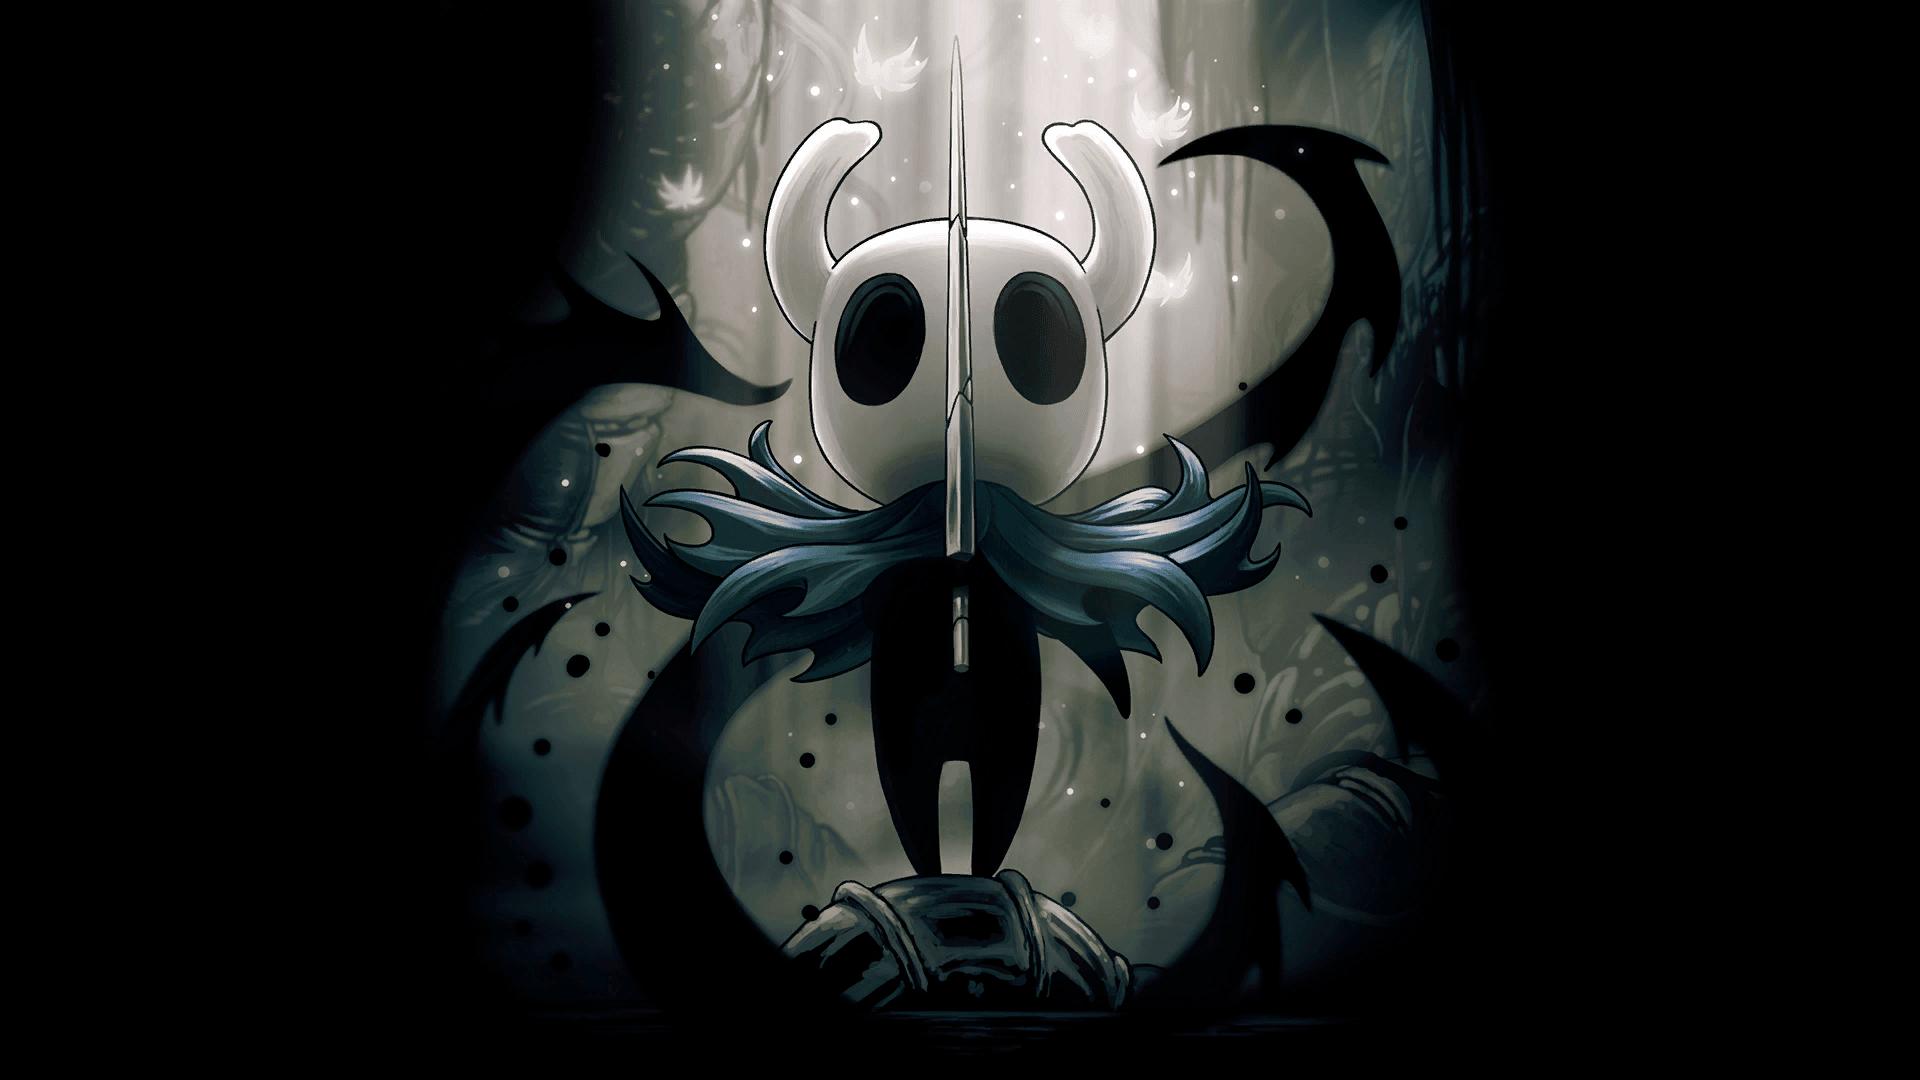 Immagine Promo Di Hollow Knight